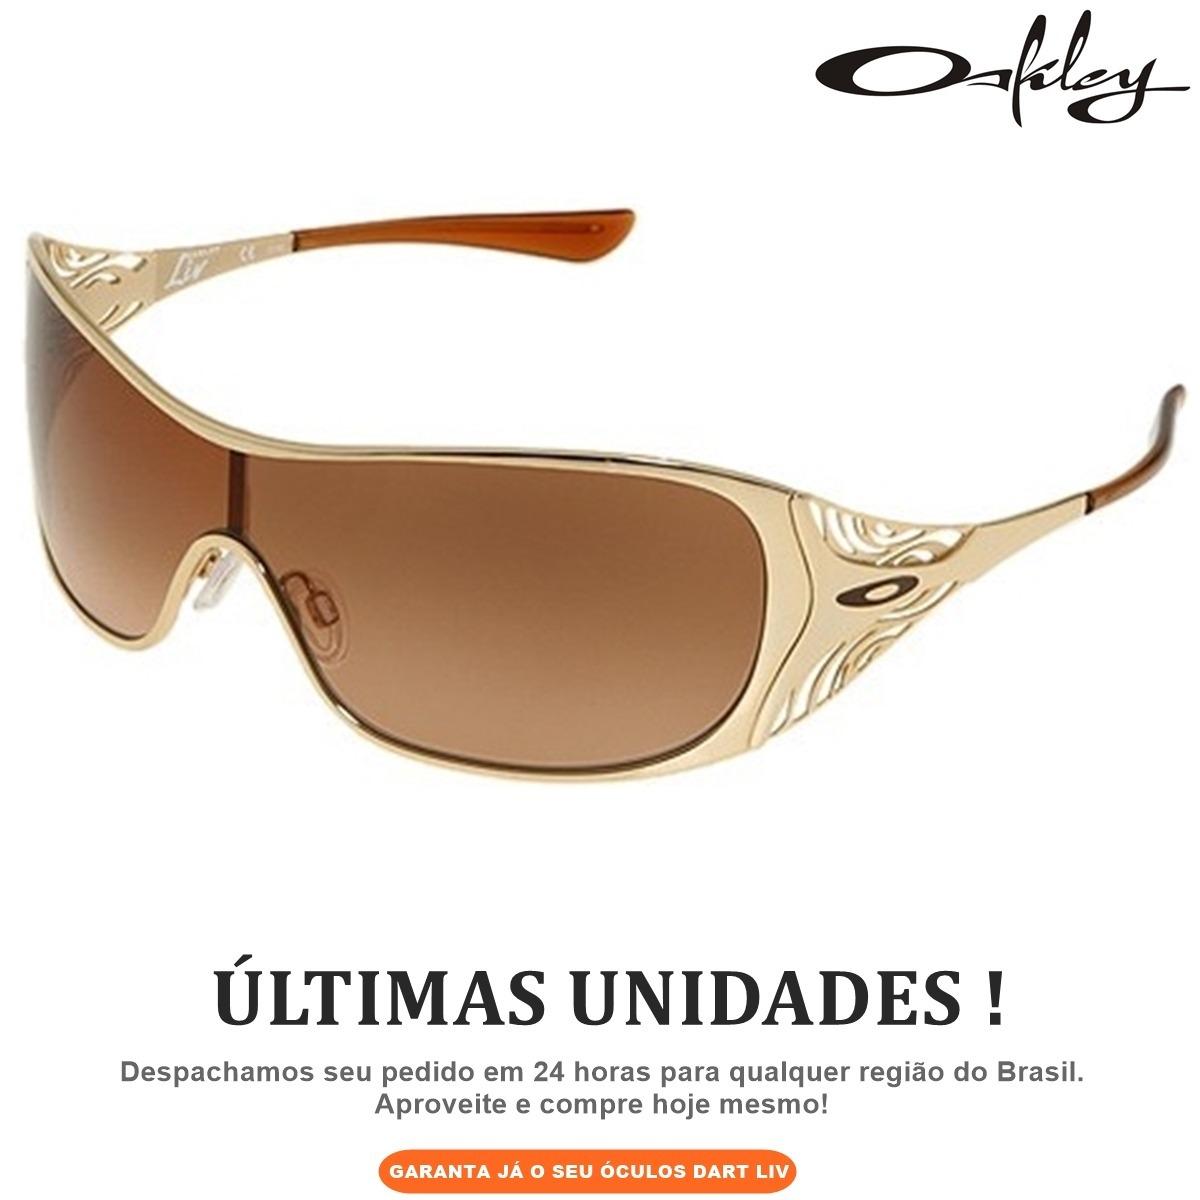 30970e6985a30 Óculos Oakley Dart Liv Fem masc Por Apenas R 89,99 - R  89,99 em ...